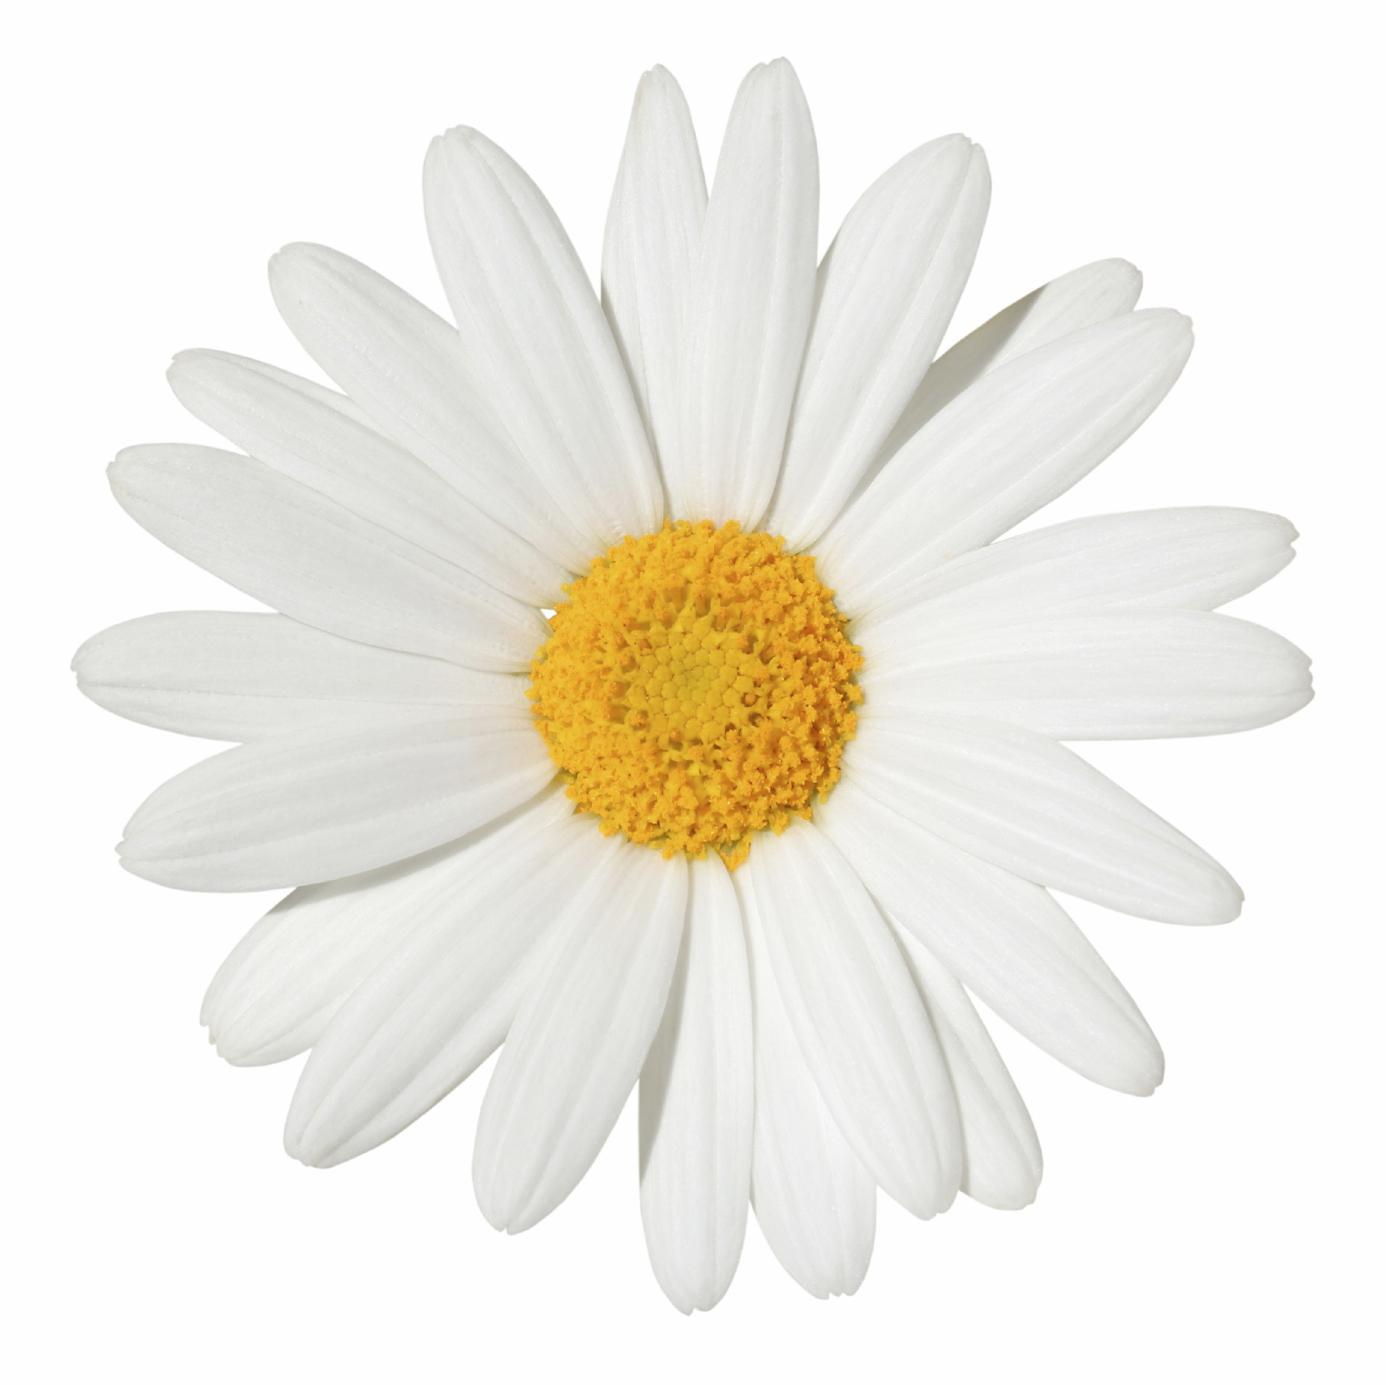 Pornostar daisy flower